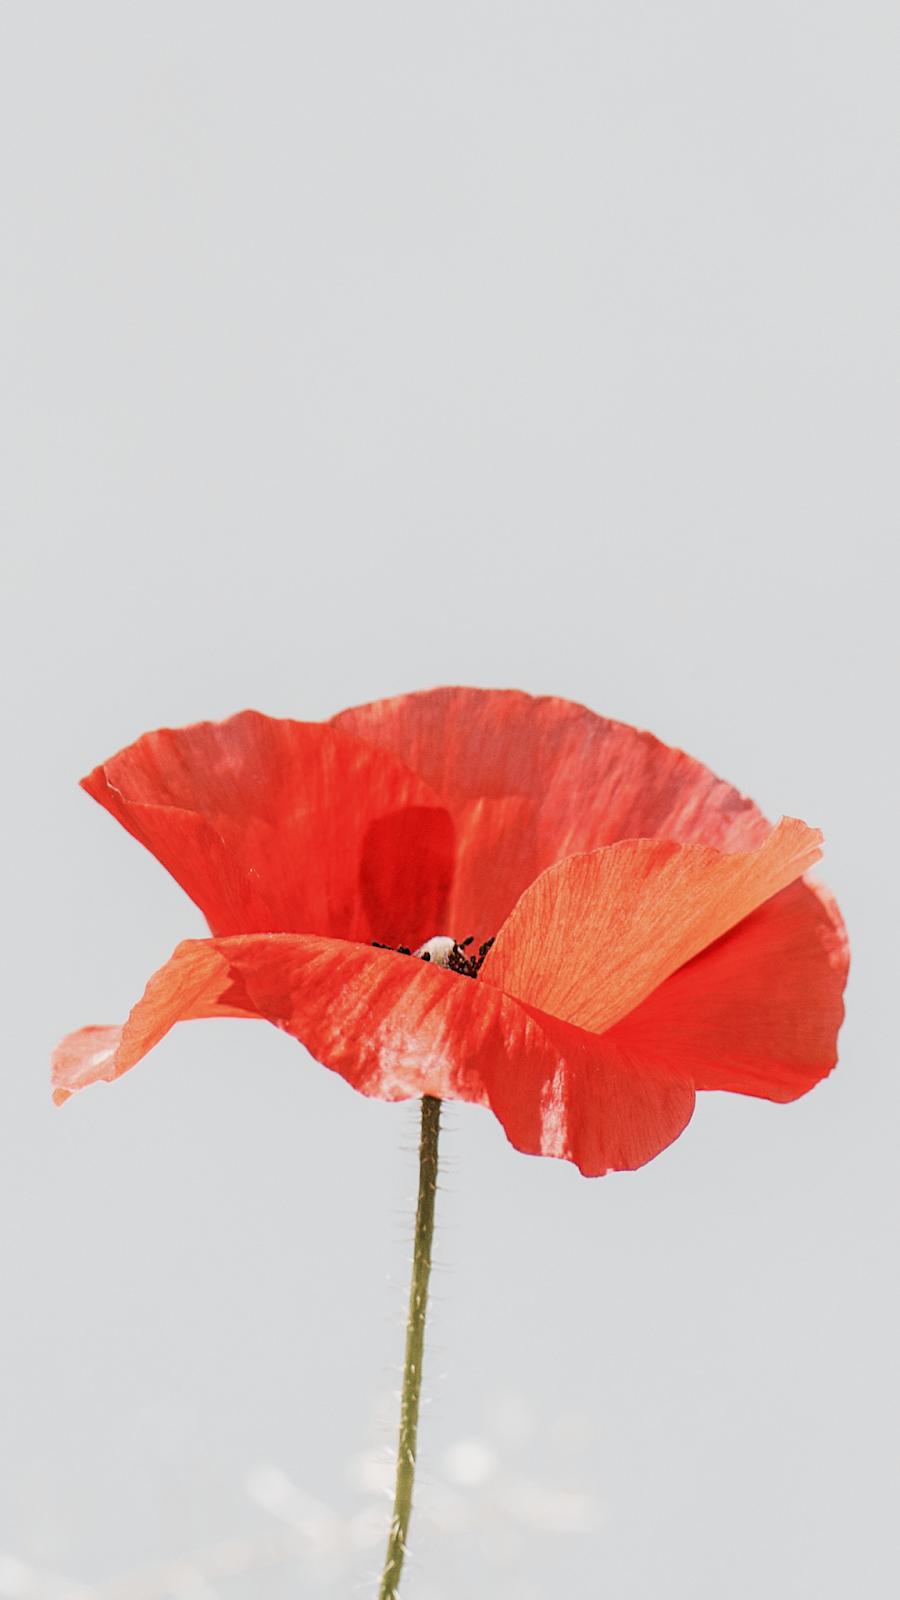 Flor vermelha e fundo vazio cor de cinza